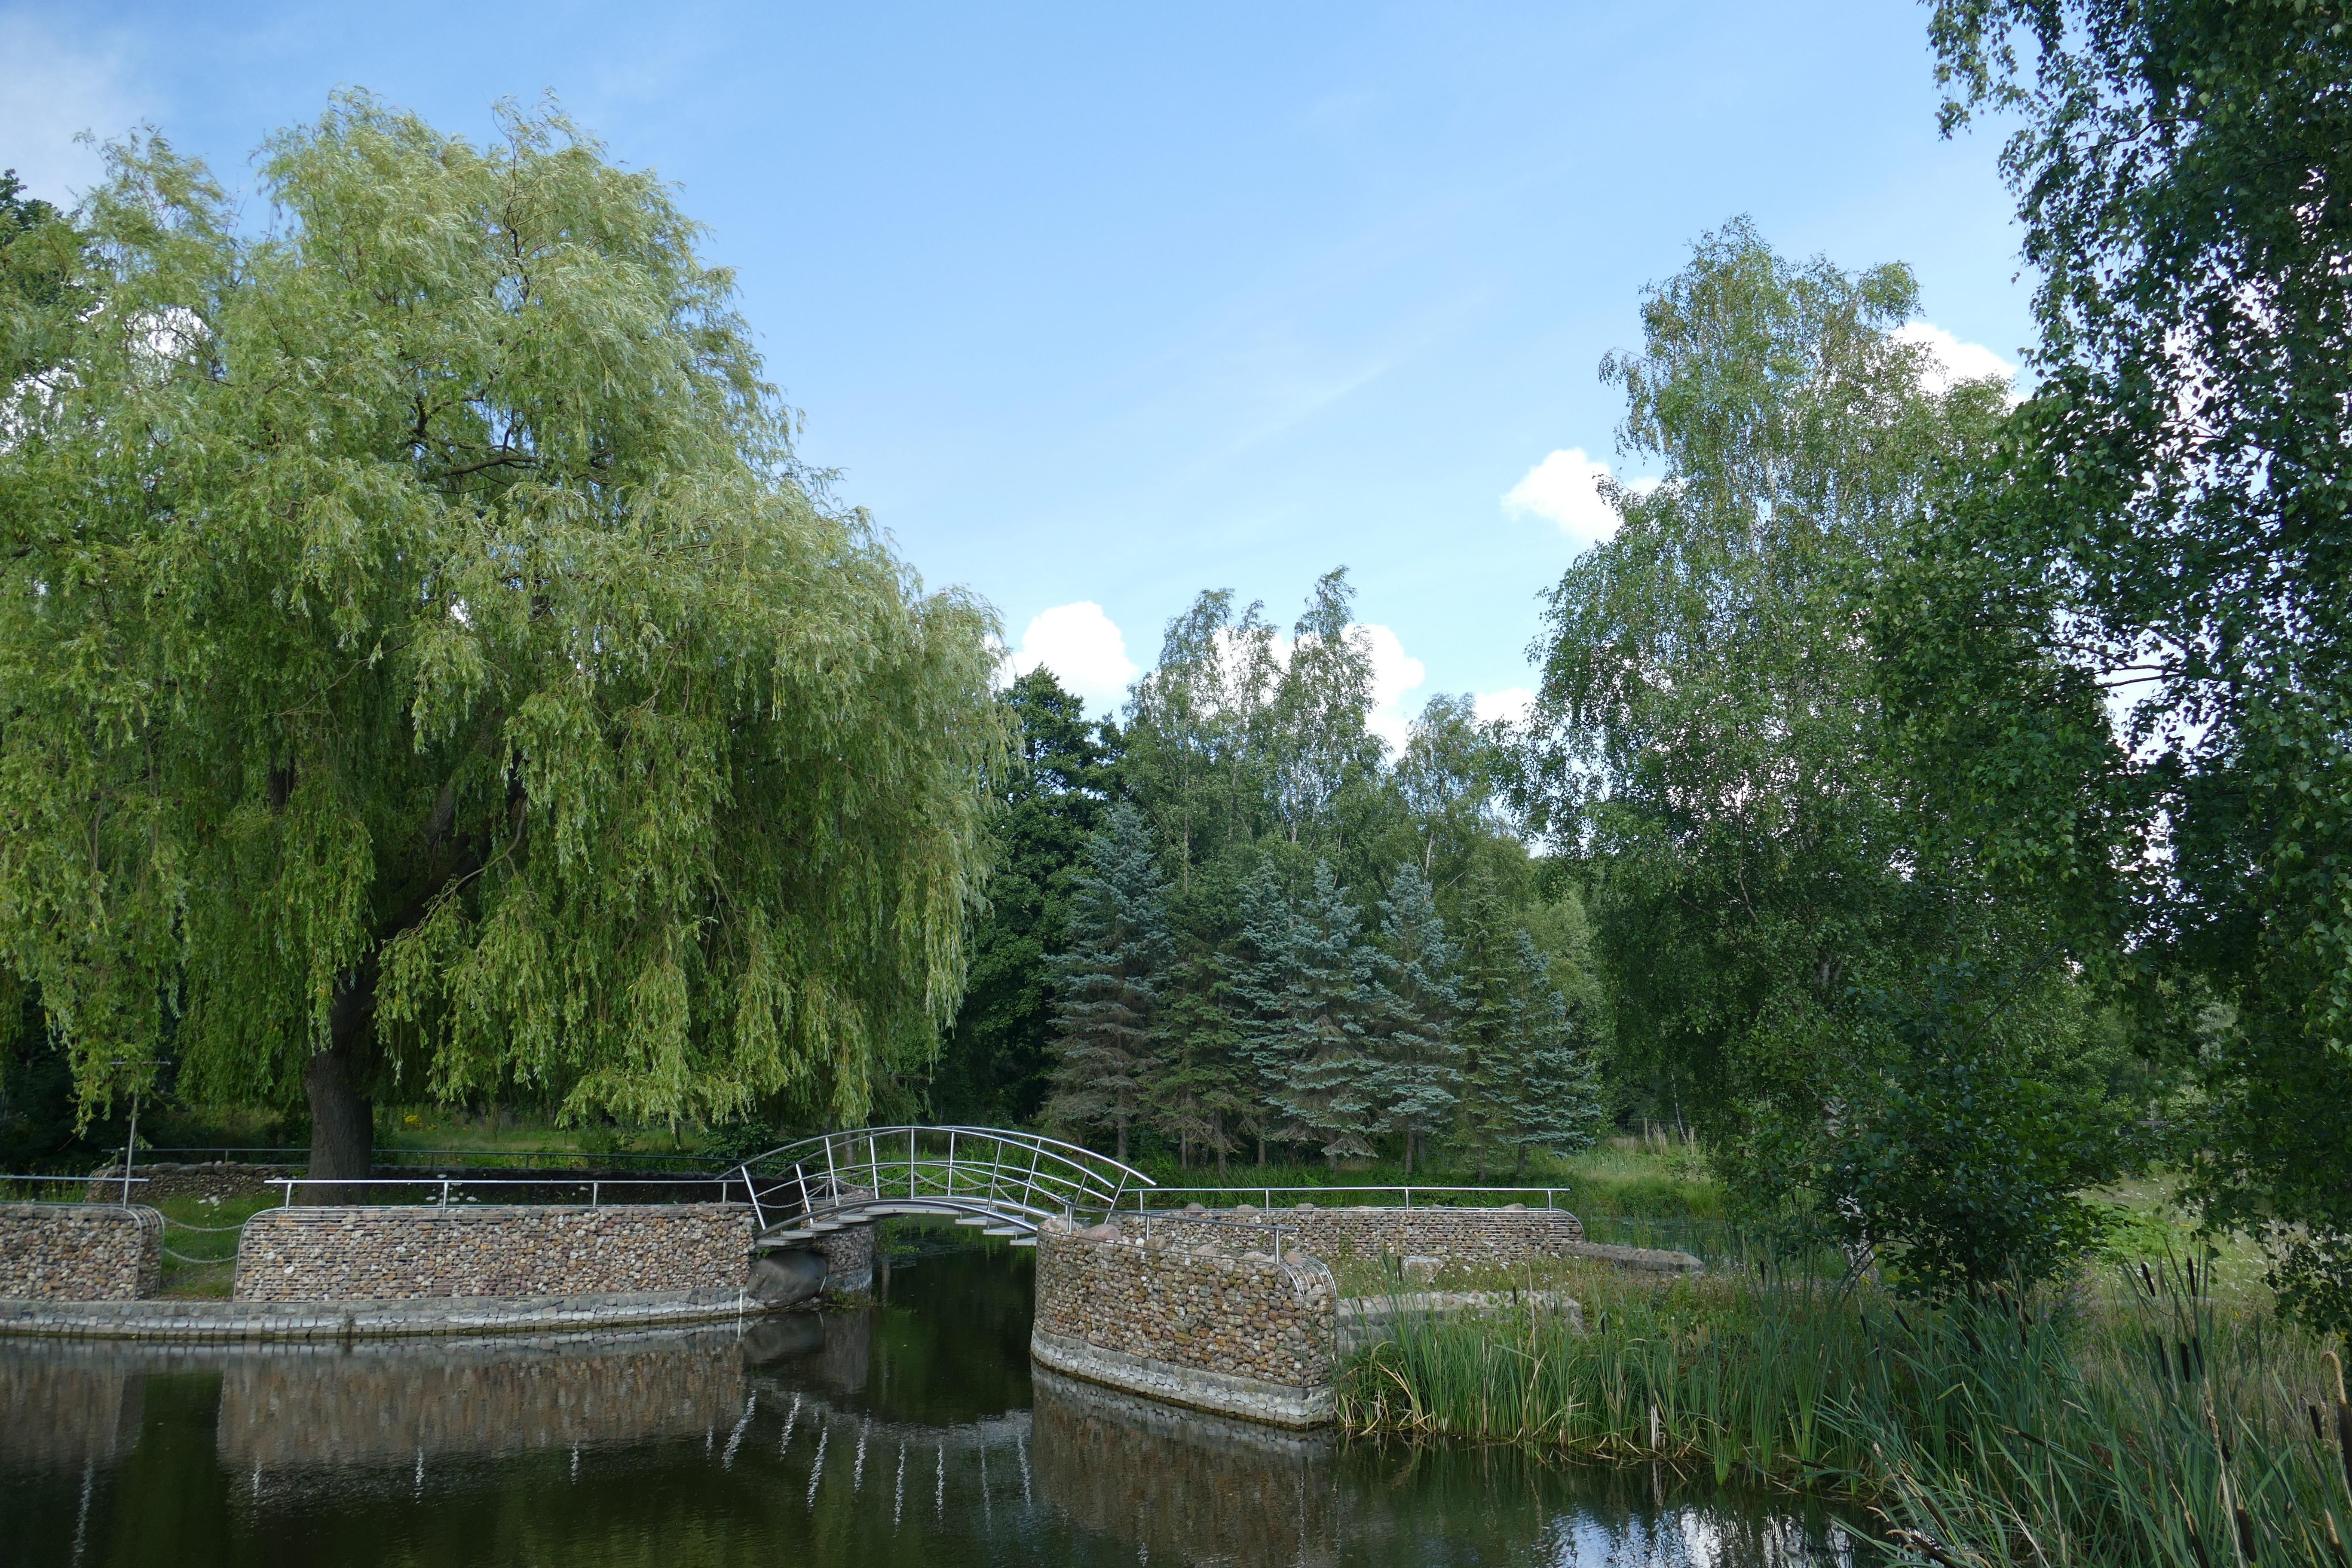 images gratuites paysage arbre ciel pont rivire canal web vert parc bleu voie navigable des arbres arbuste les forts zone humide - Arbre Ciel